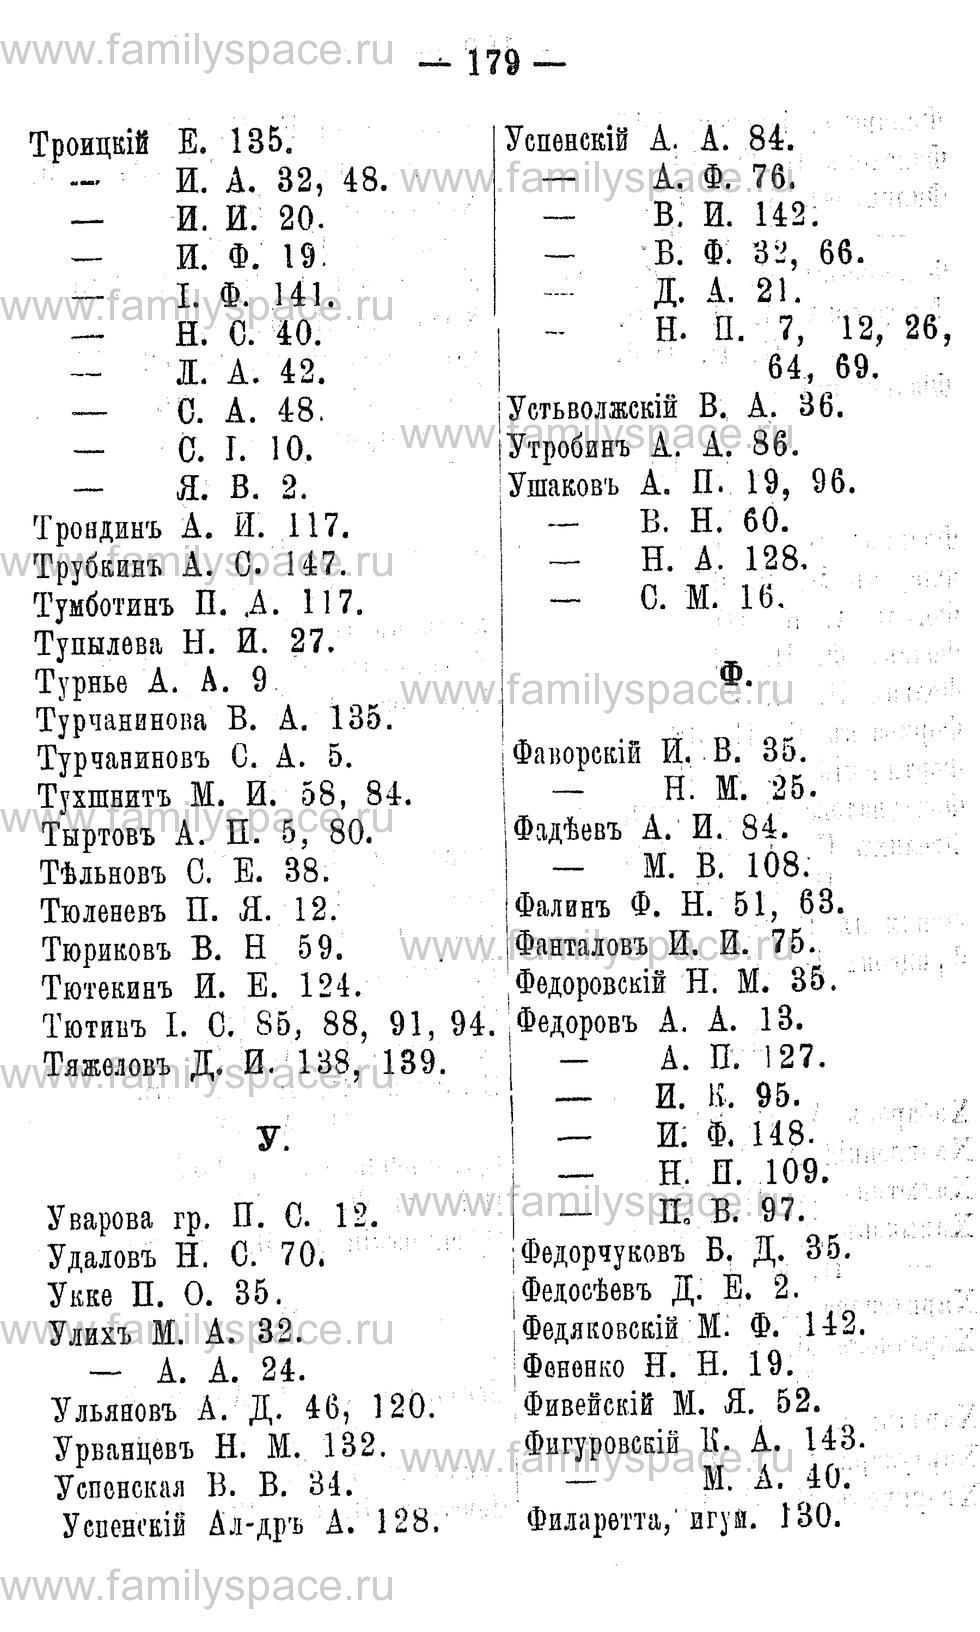 Поиск по фамилии - Адрес-календарь Нижегородской губернии на 1891 год, страница 179